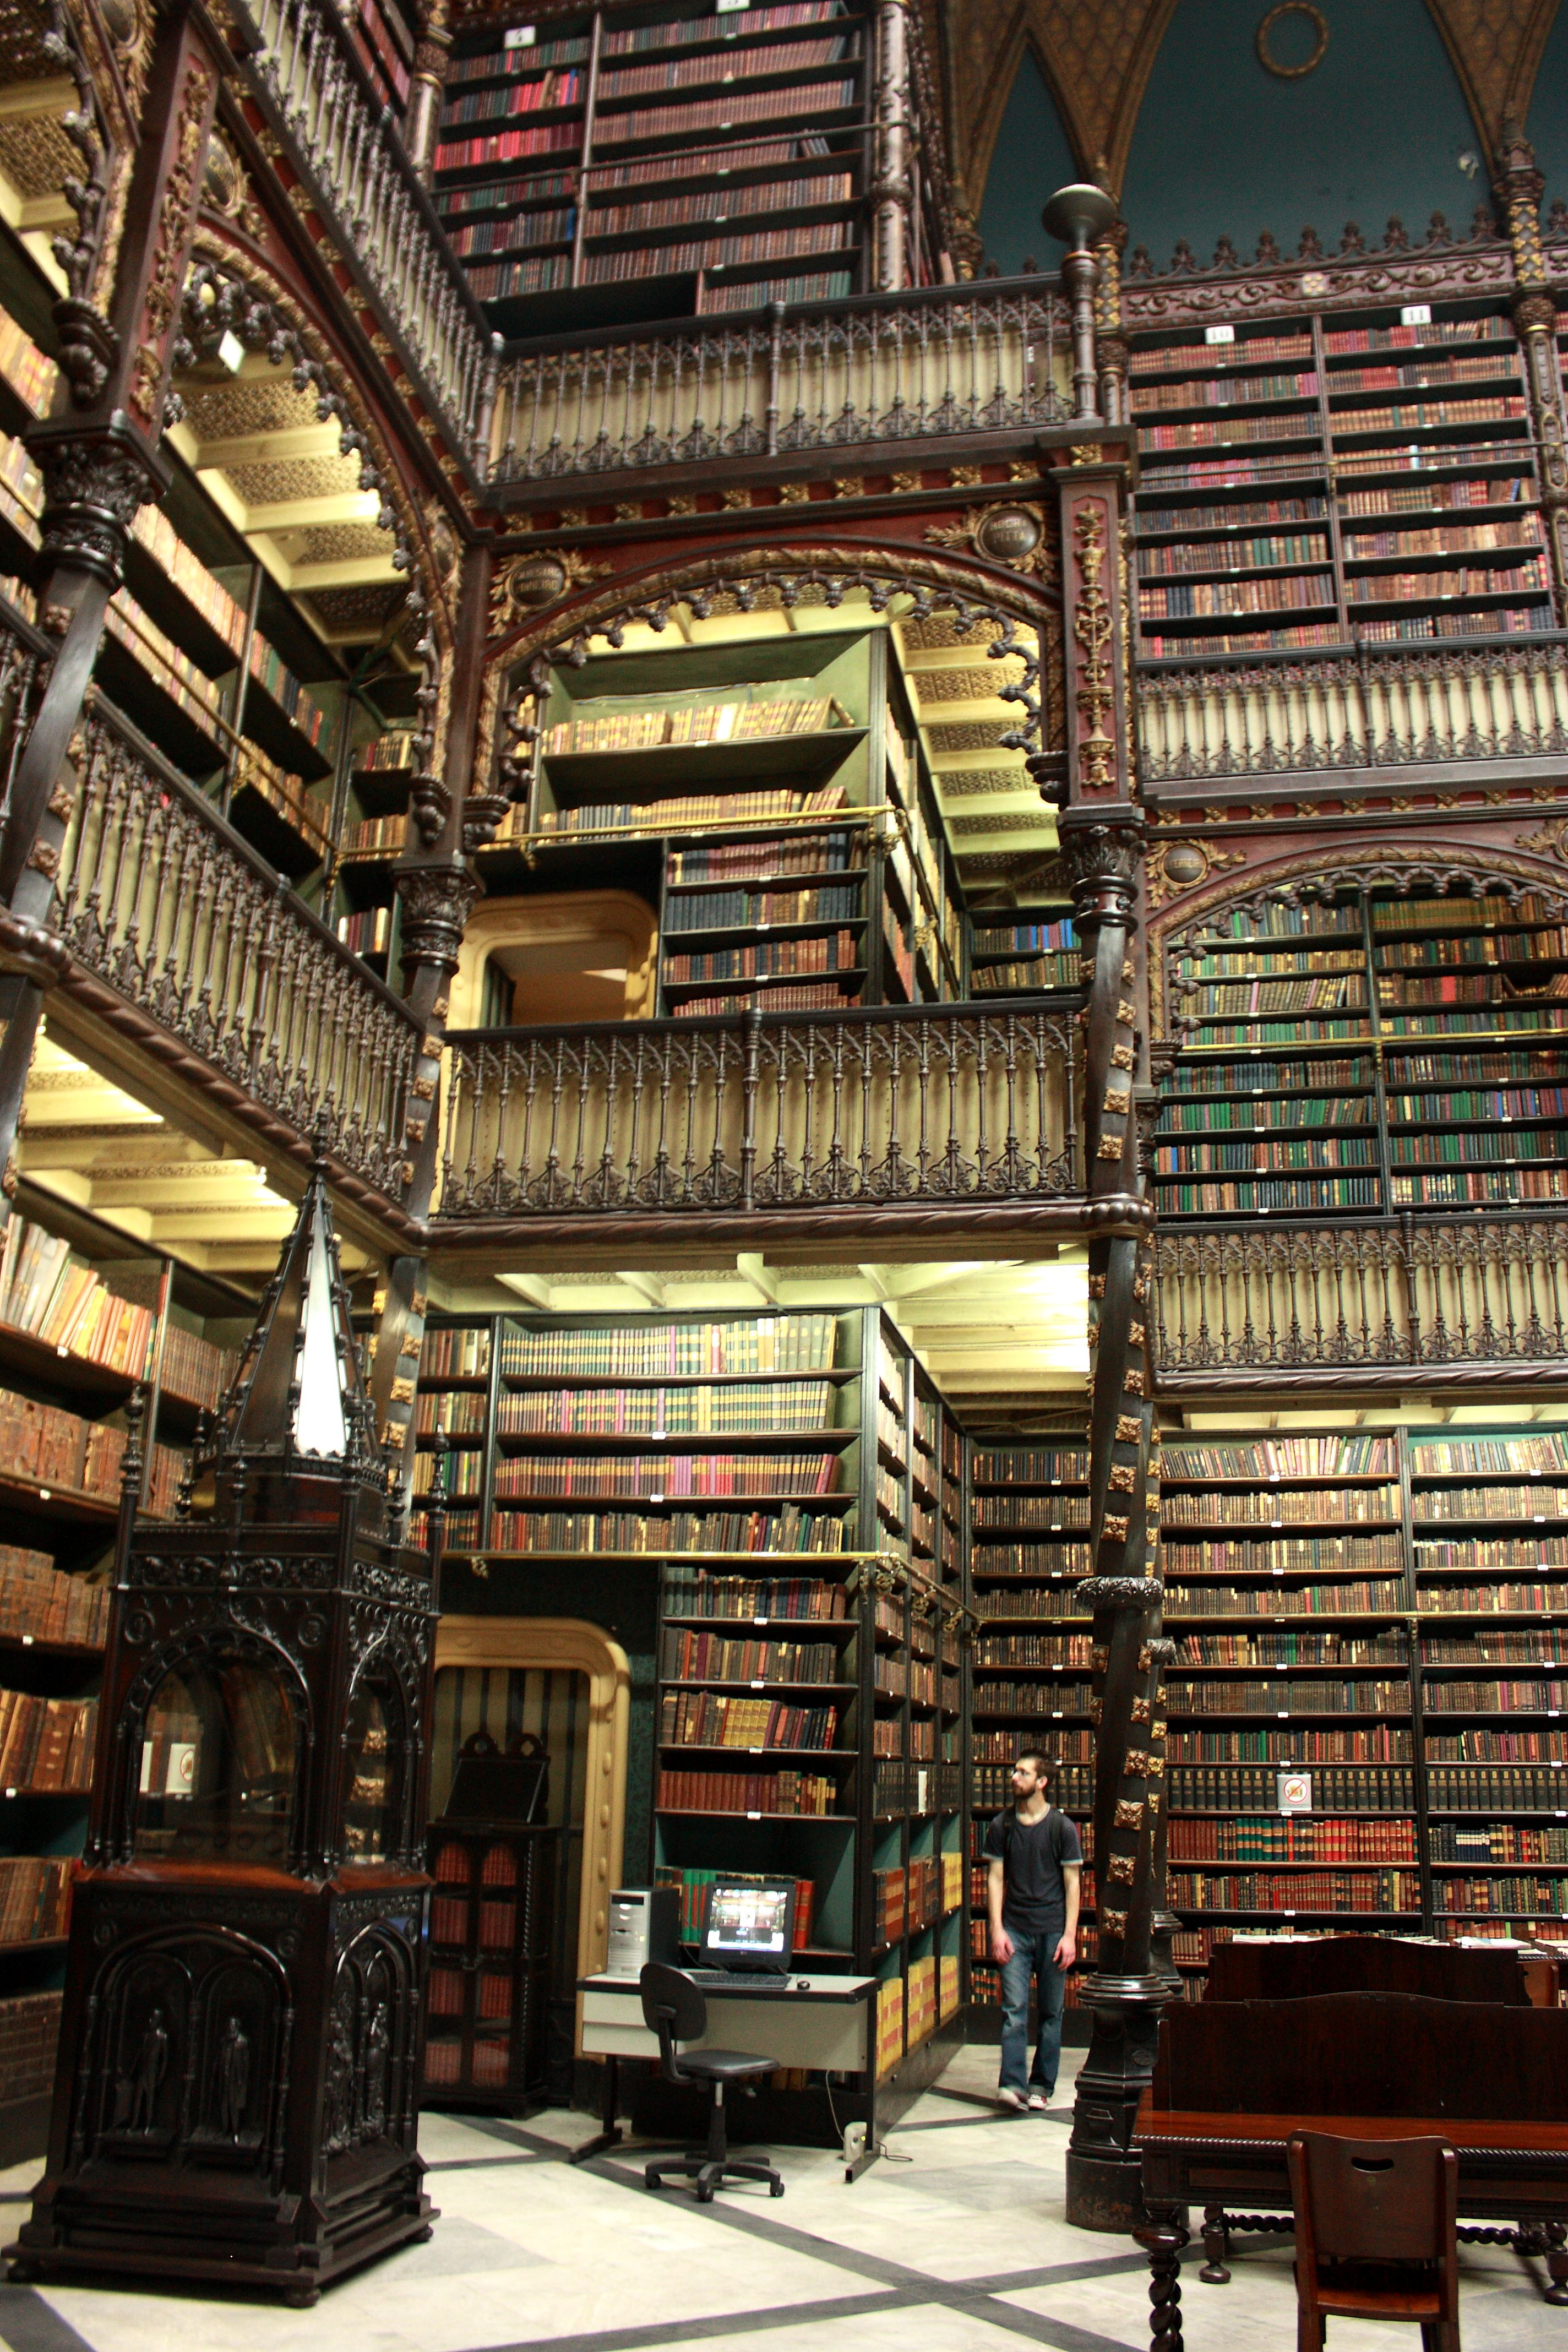 Wow, so viele Böden! Im nicht sicher, ich brauche eine Bibliothek ganz so groß